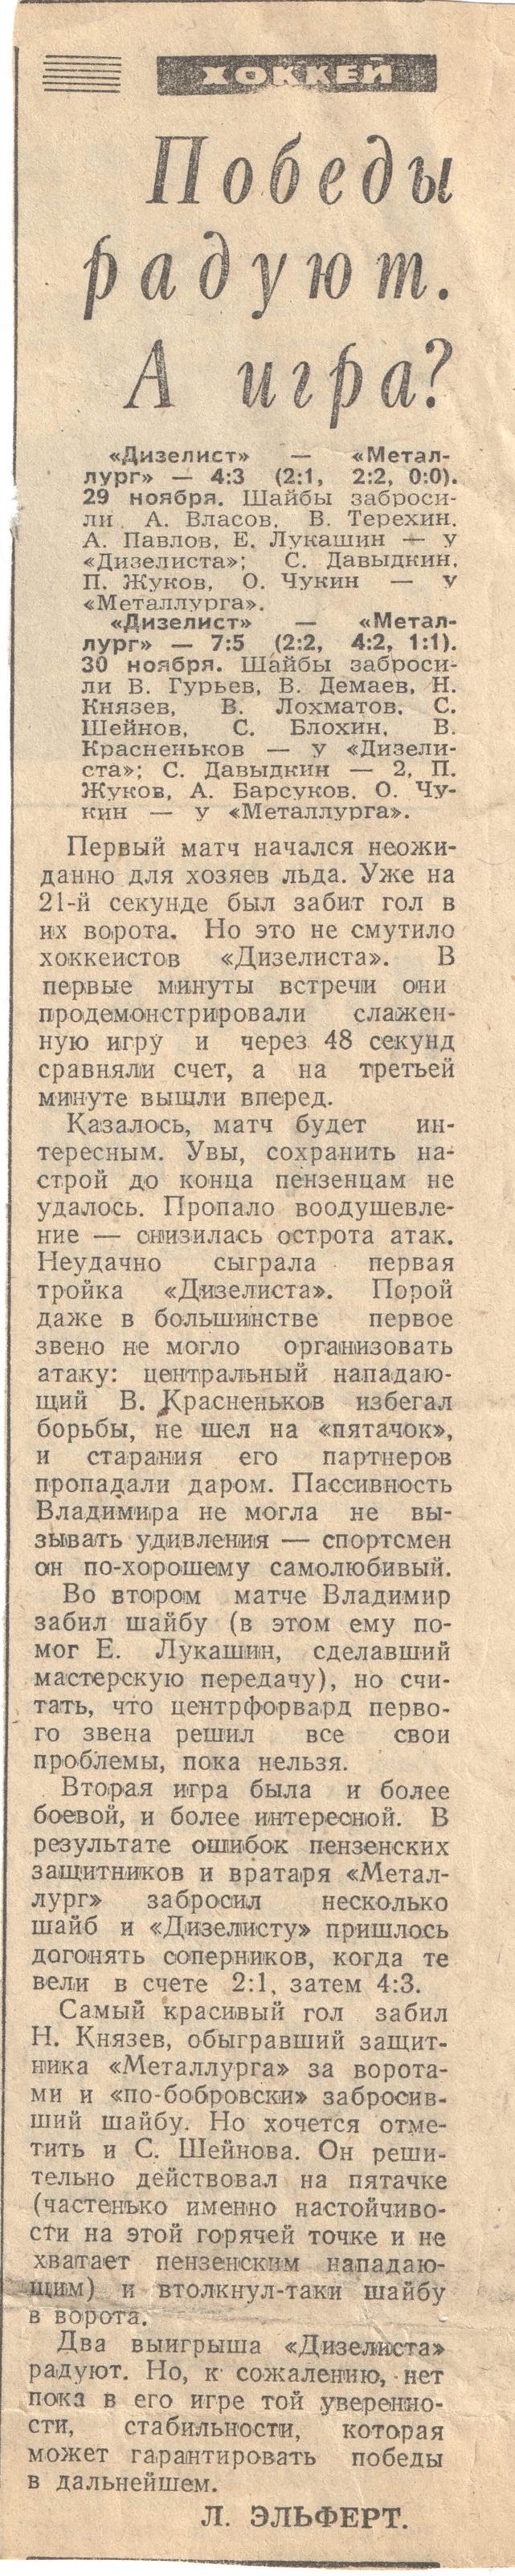 1983-11-29 (30).jpg